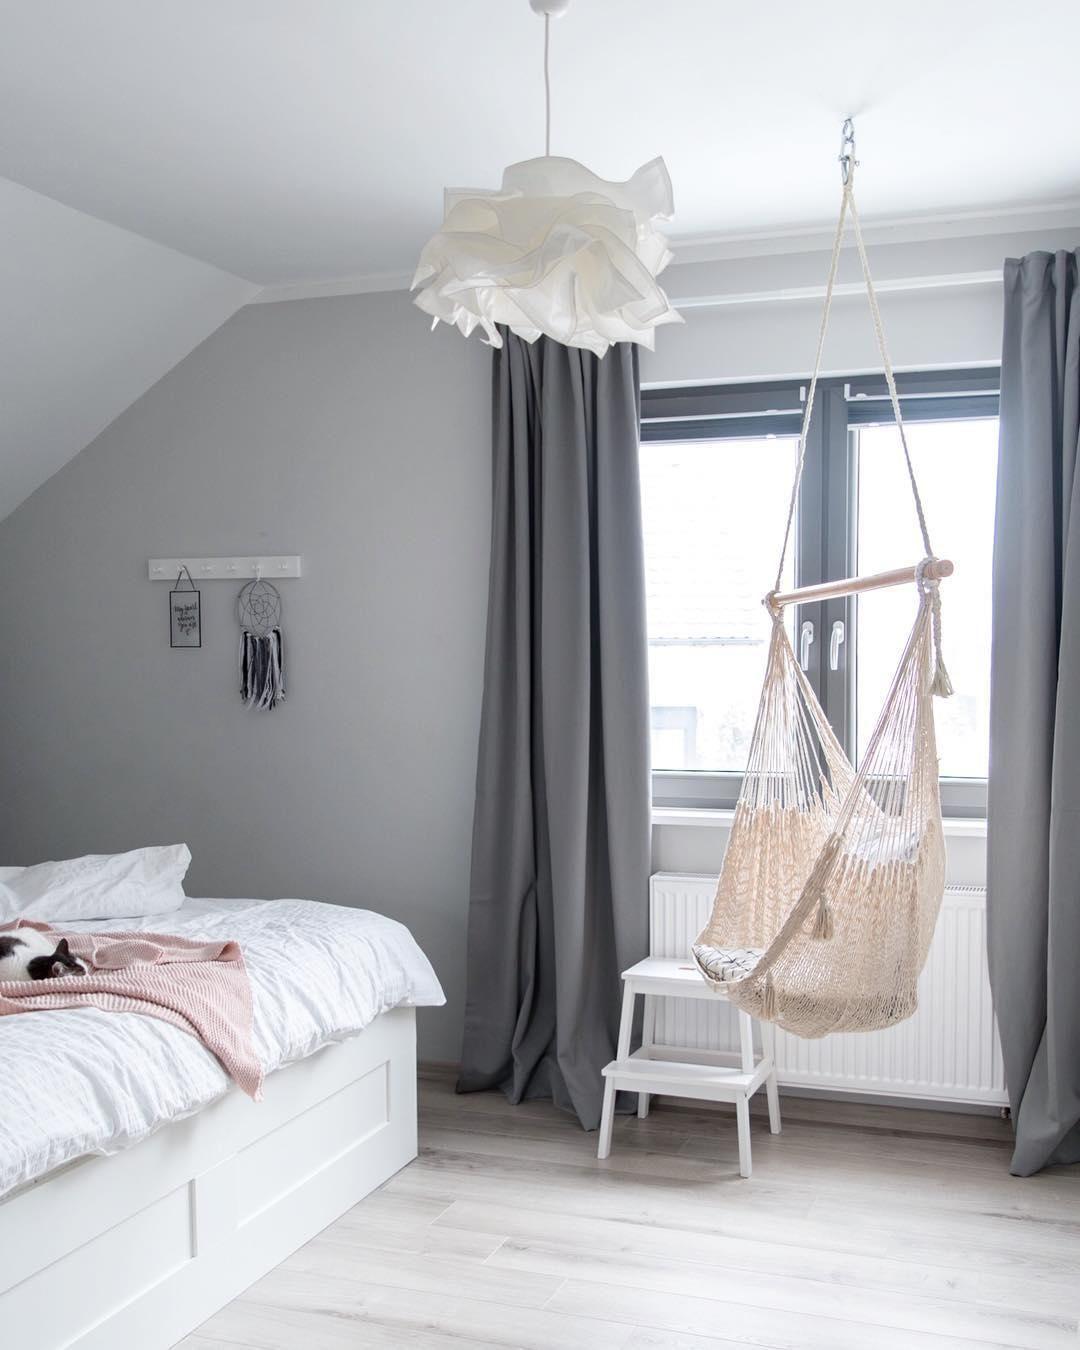 Grey Dreams Das Zeitlose Grau Lasst Dein Schlafzimmer Erstrahlen Fullt Es Mi In 2020 Graues Zimmer Zimmer Zimmer Farben